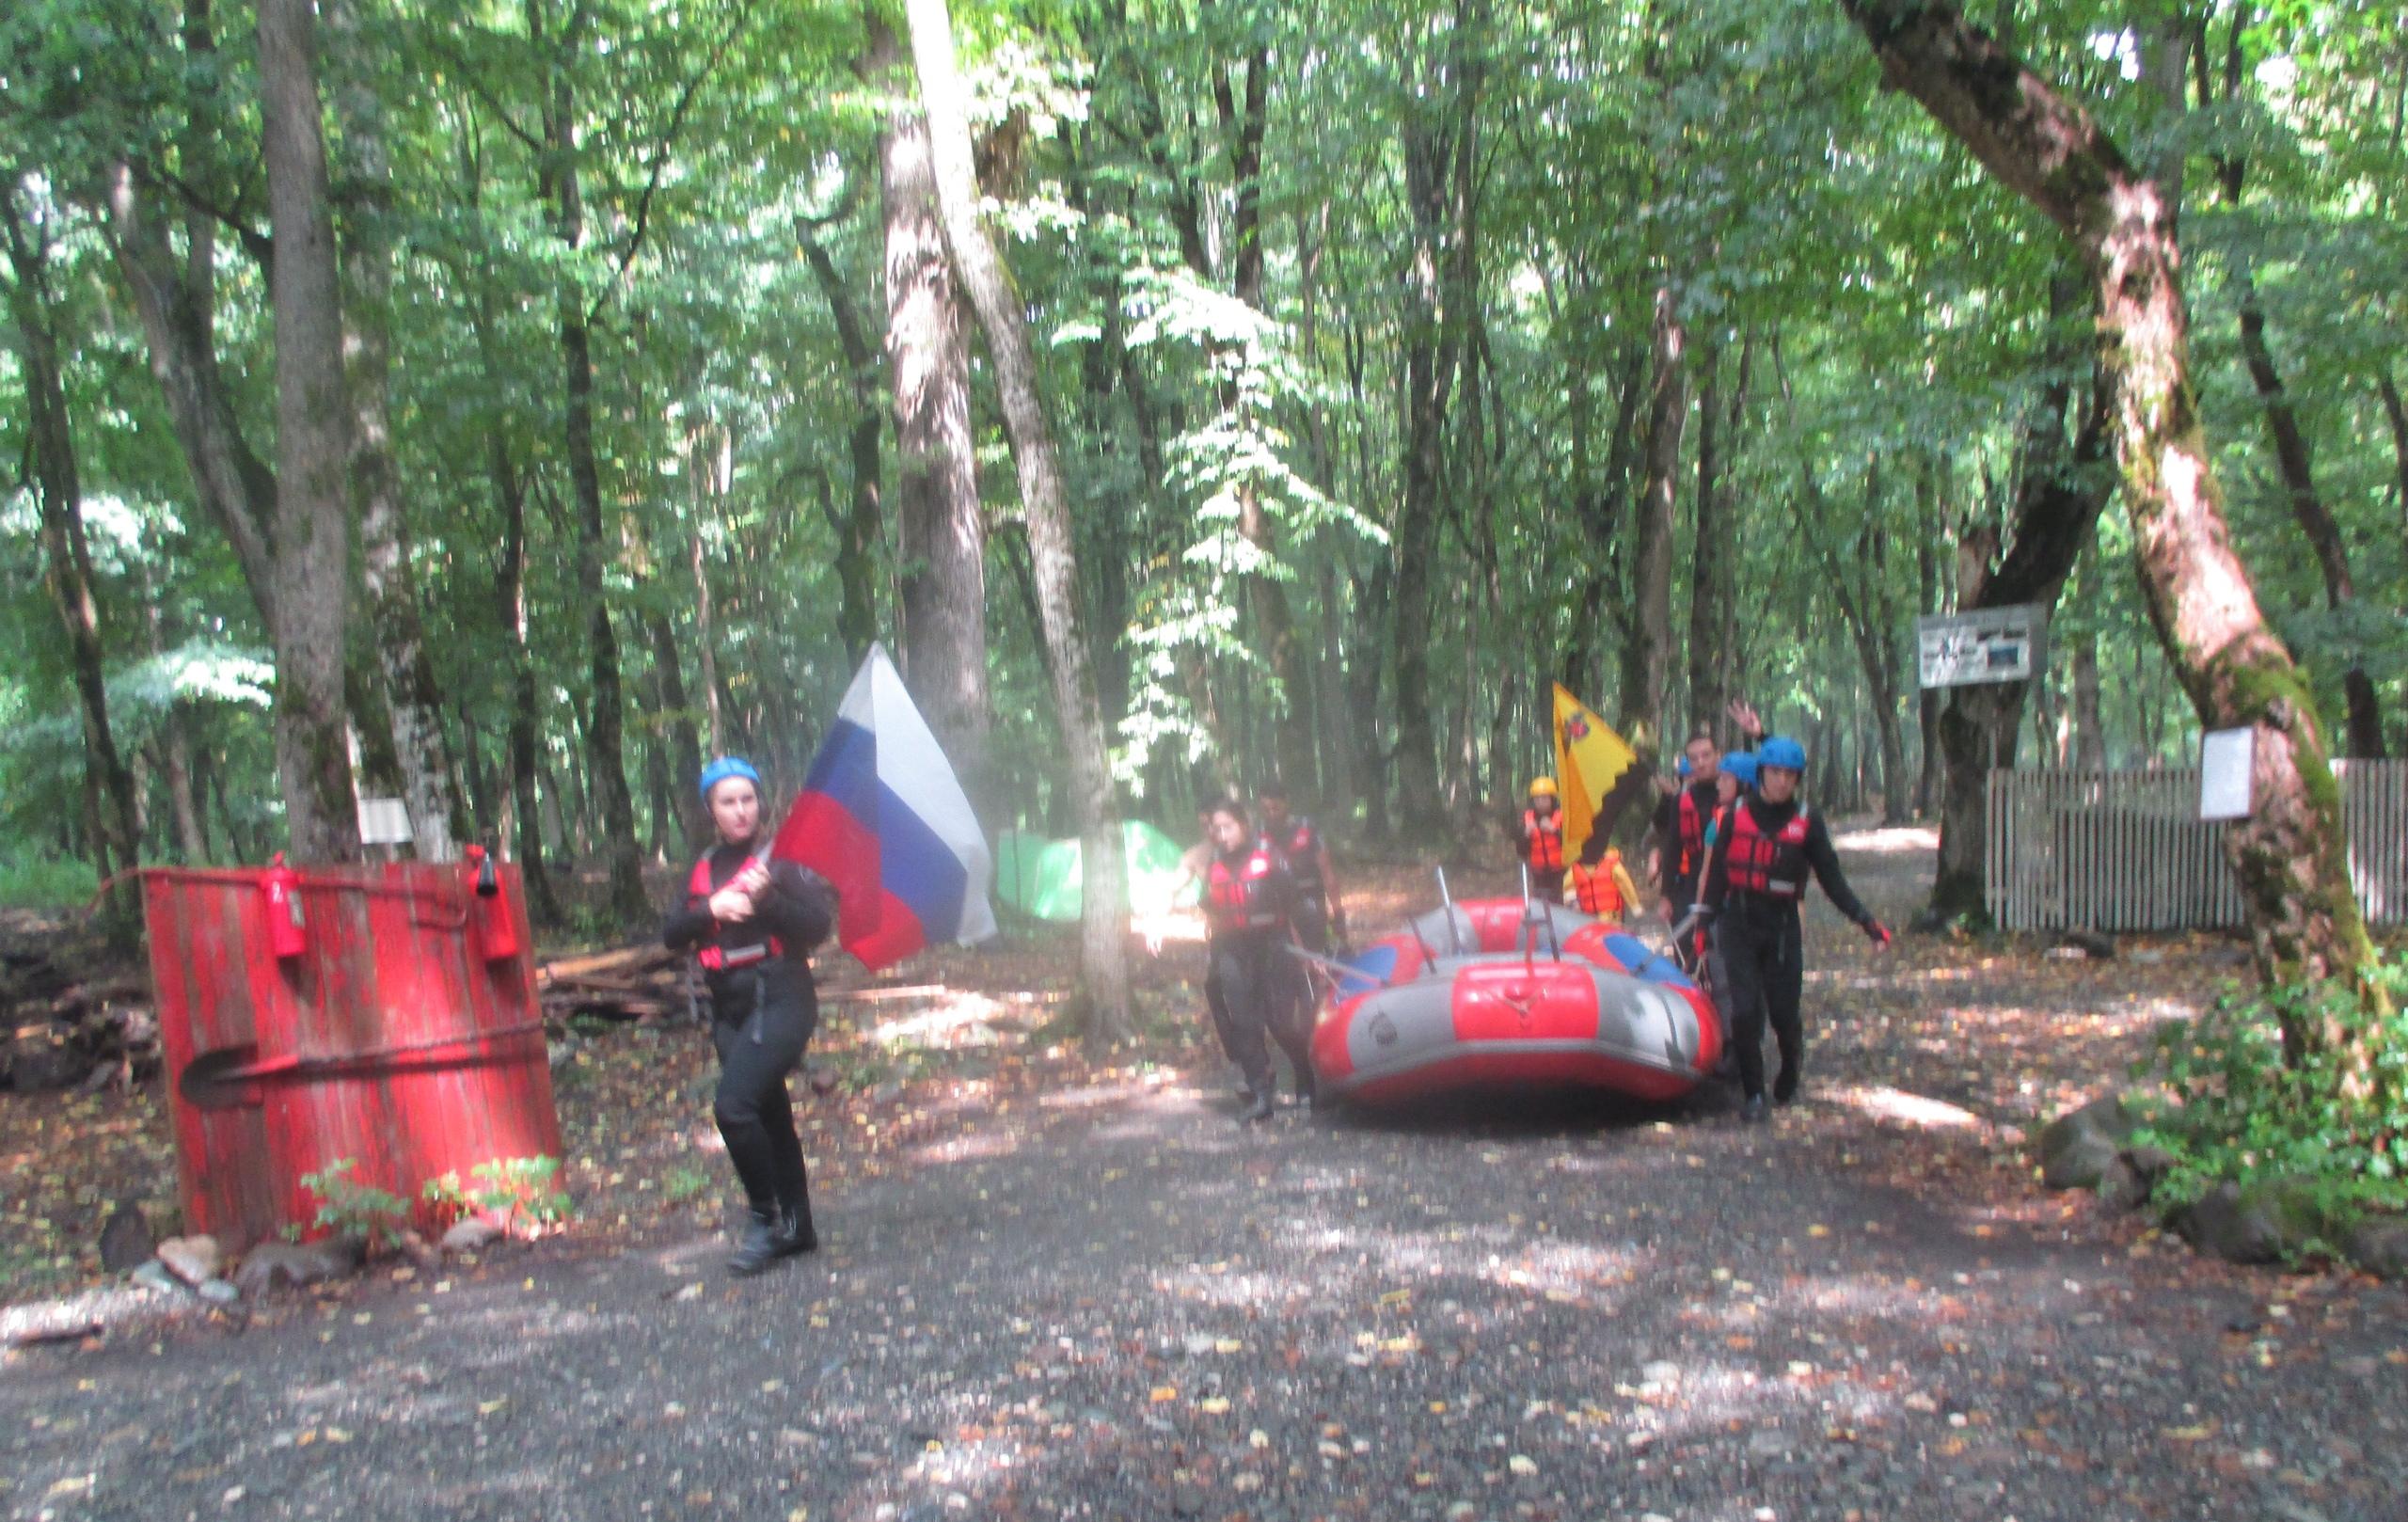 Молодежный центр организовал водный поход приуроченный к празднику День флага Российской Федерации